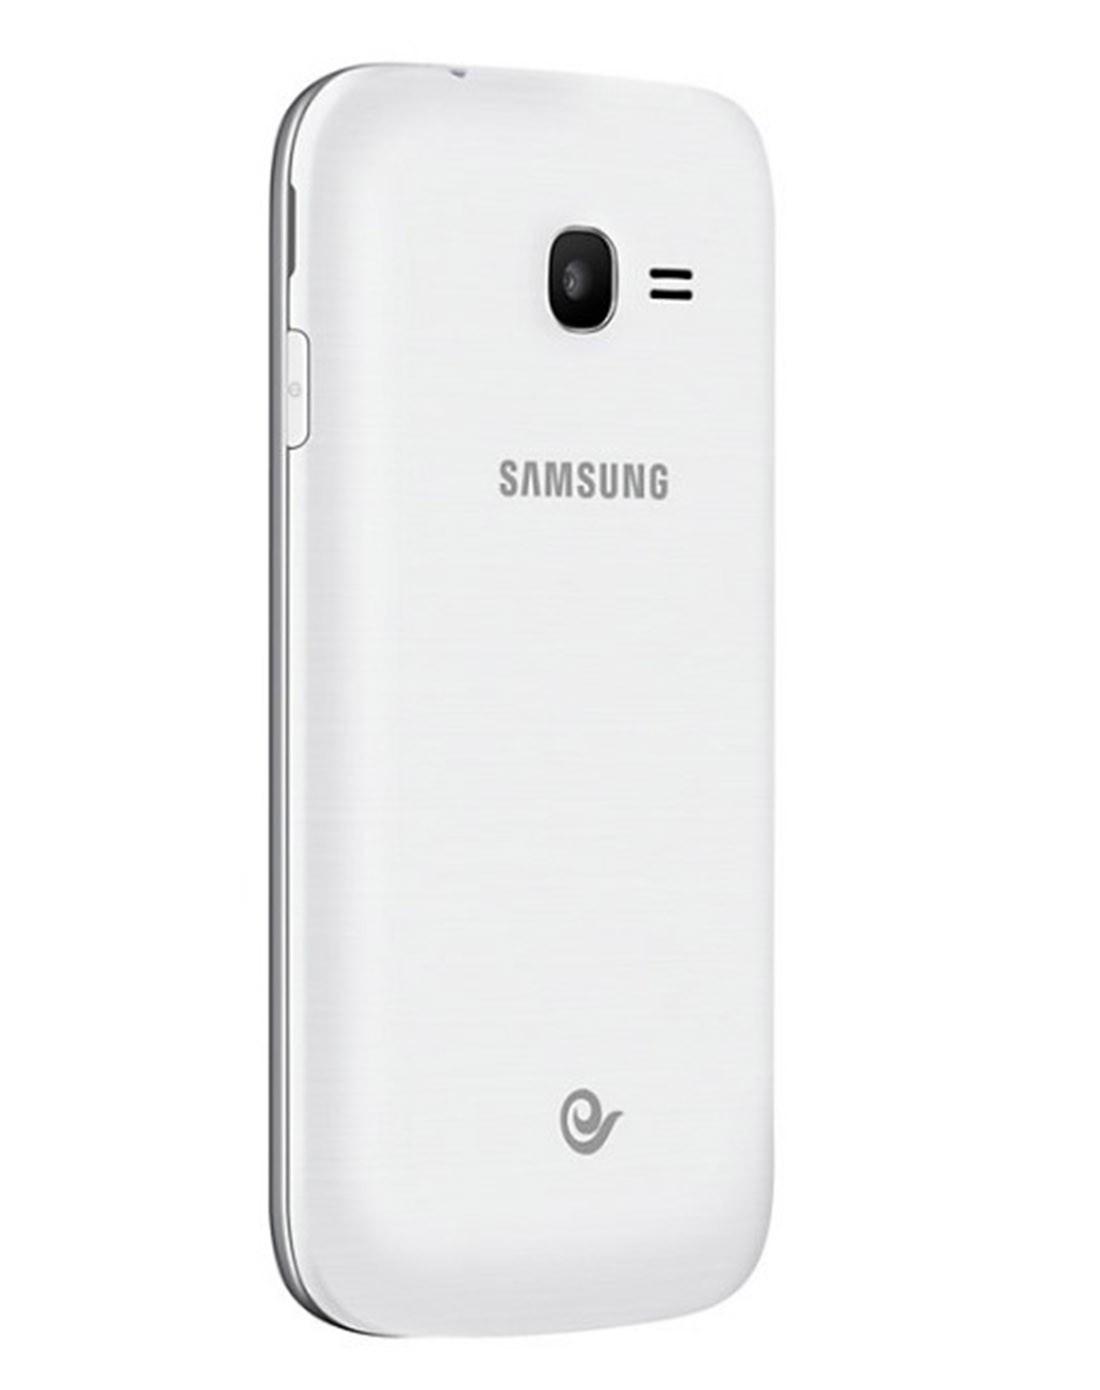 三星i679白色 电信版手机三星i679白色_唯品会